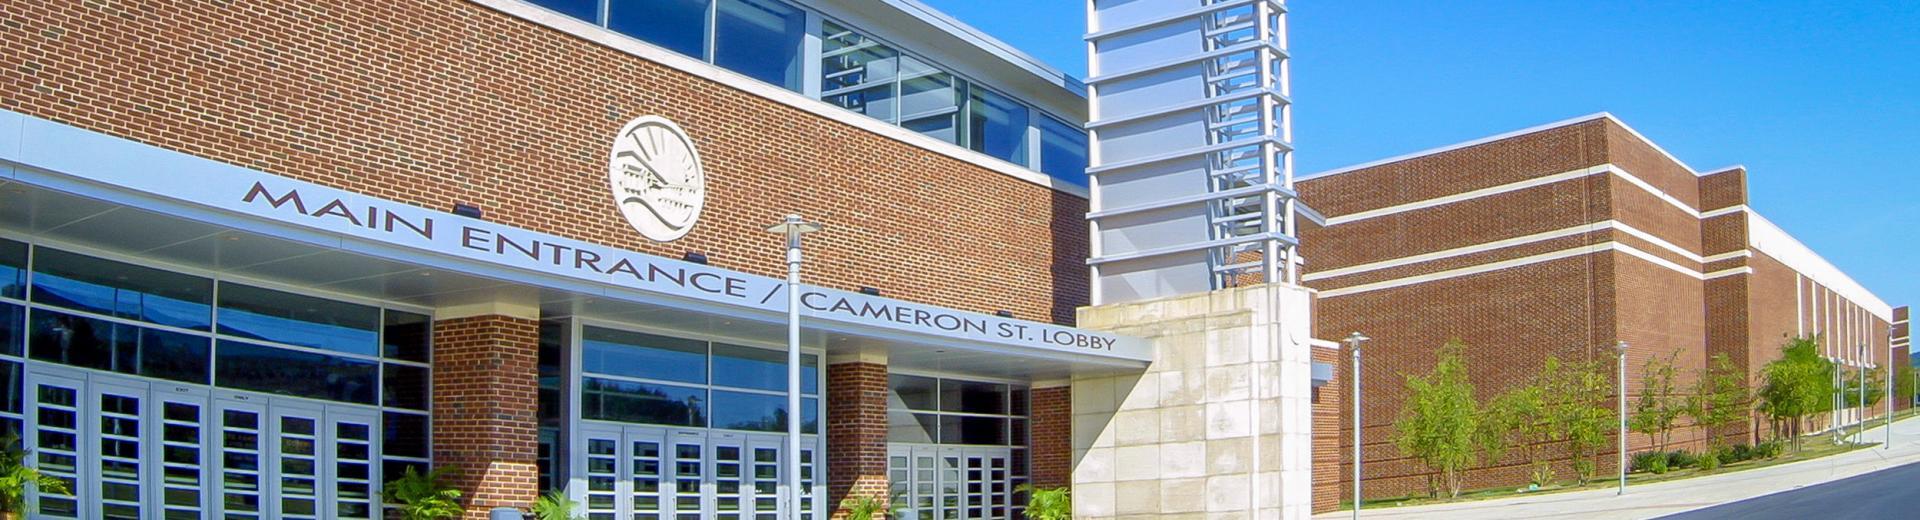 Main Entrance/Cameron St. Lobby